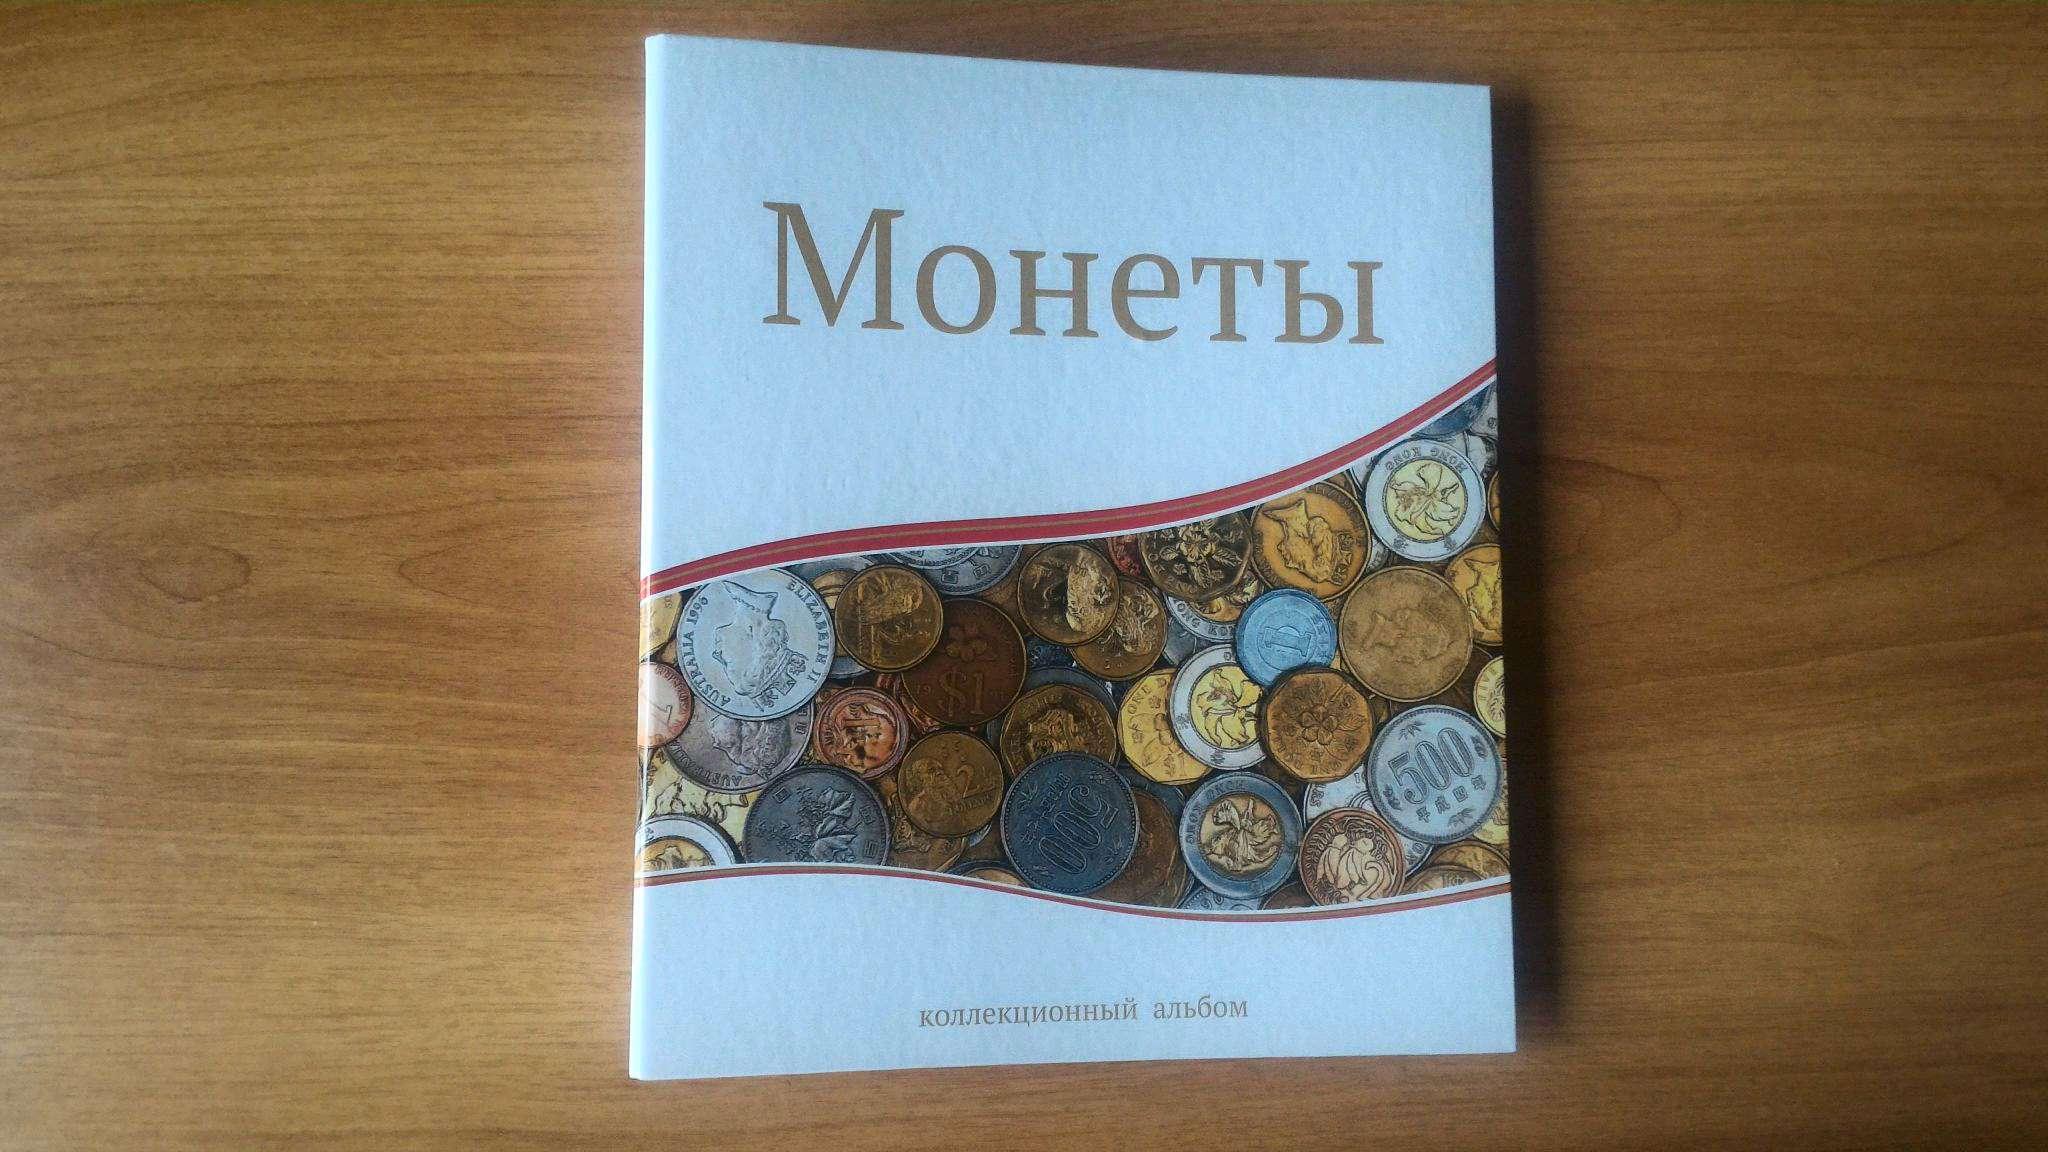 Альбом для монет сомс 50 рублей 1992 года цена в украине